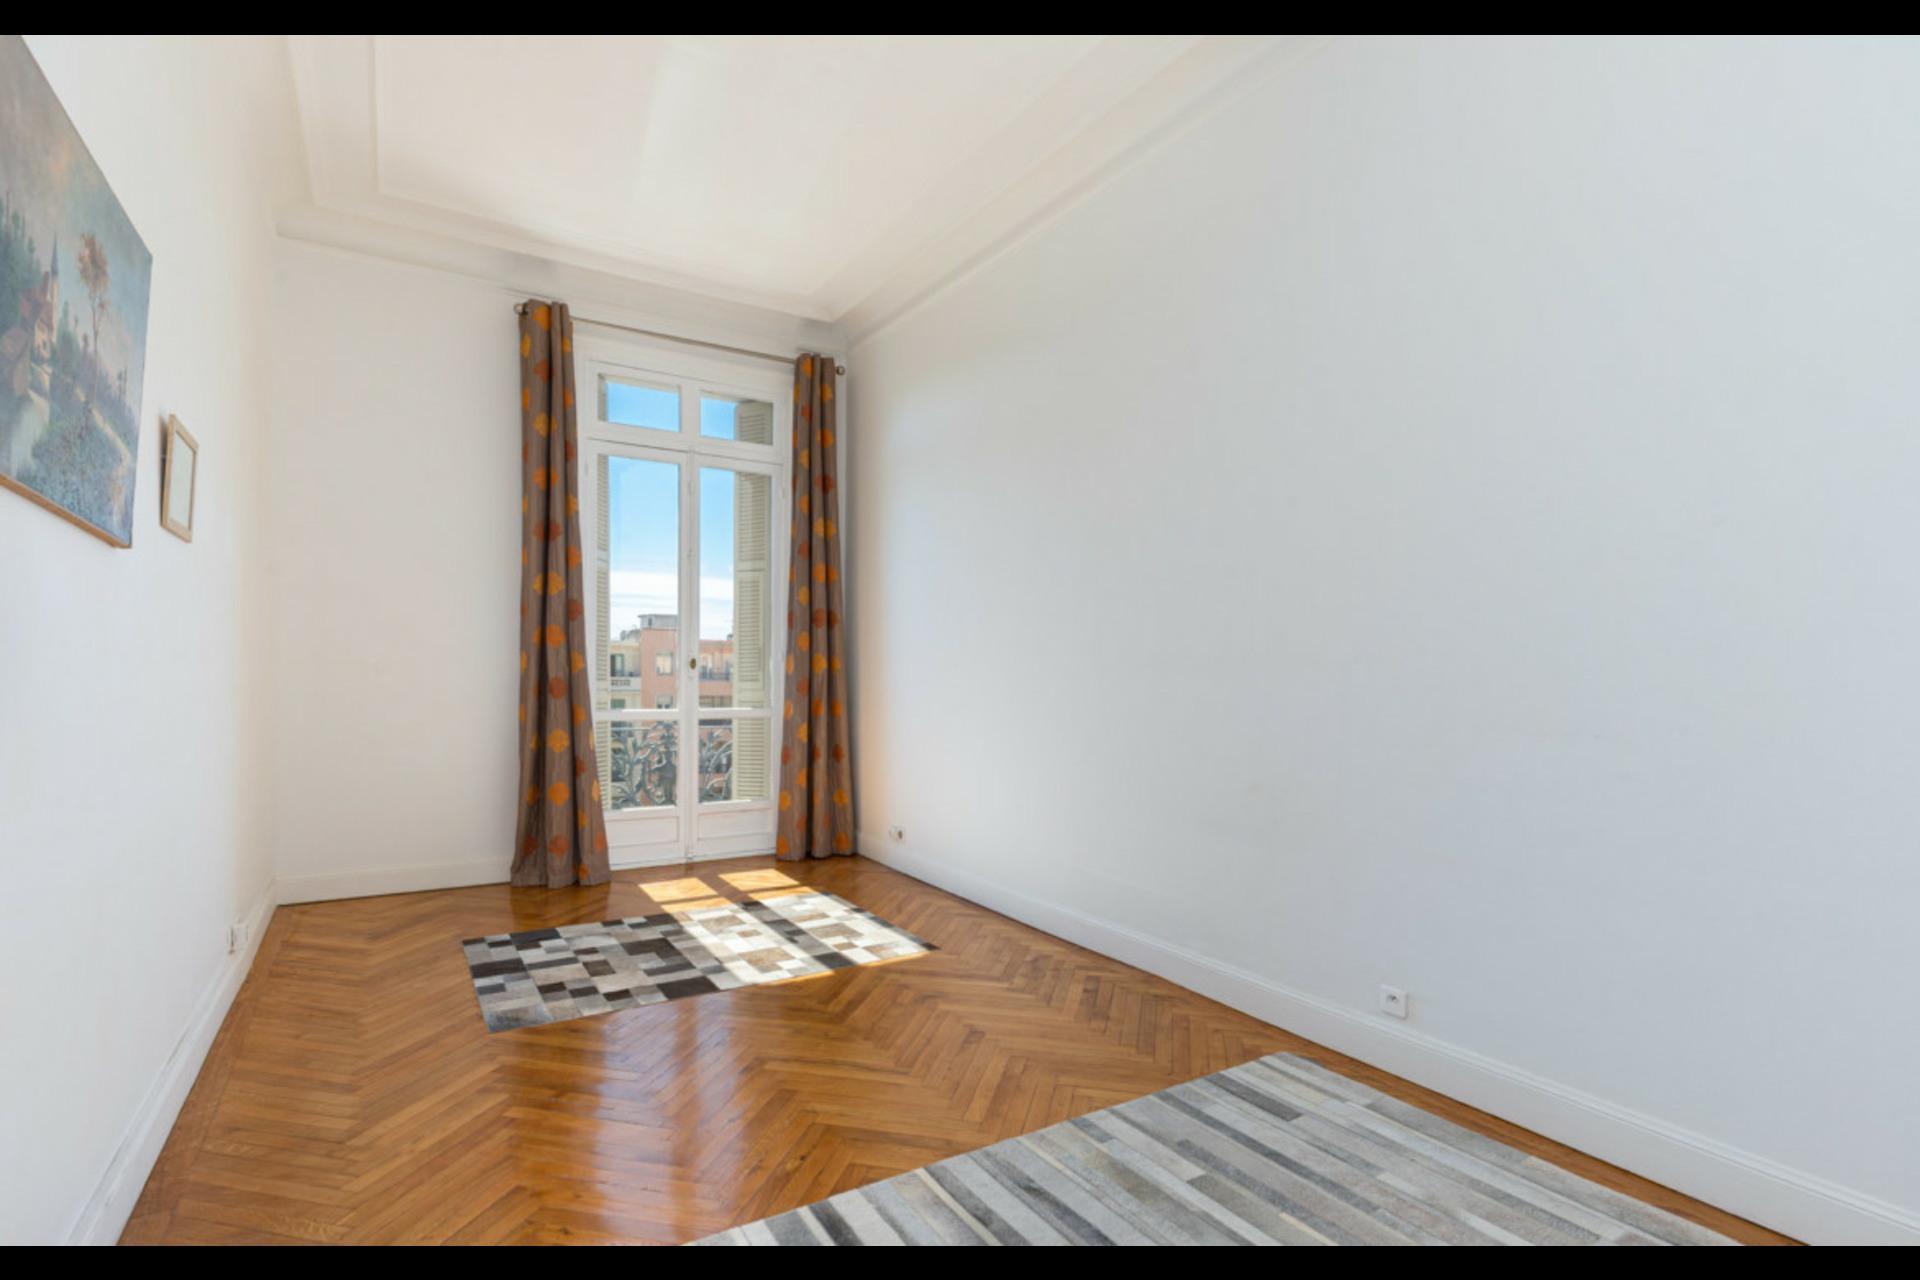 image 3 - Appartement À vendre Nice Cimiez - 6 pièces